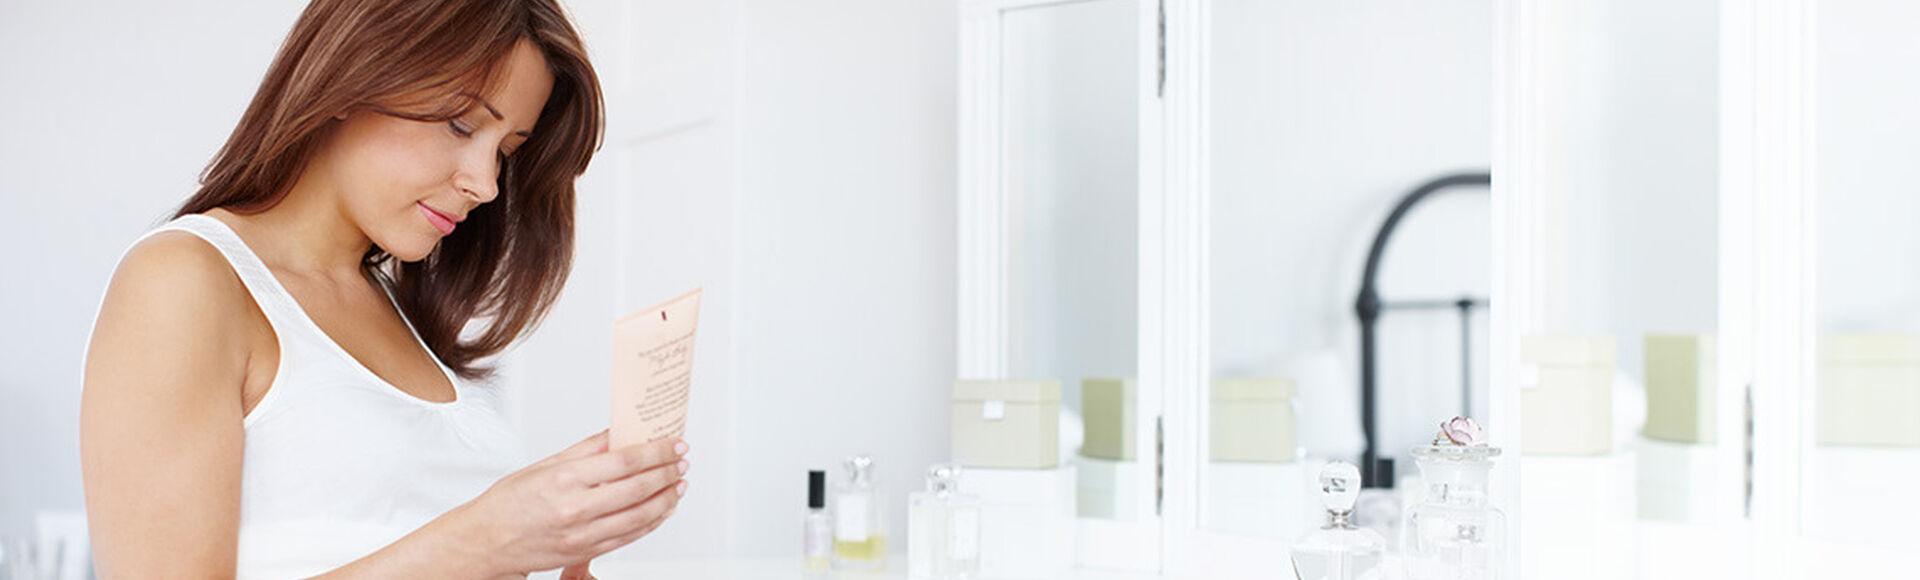 ¿Qué sucede con tus pechos durante el embarazo?  | Más Abrazos by Huggies